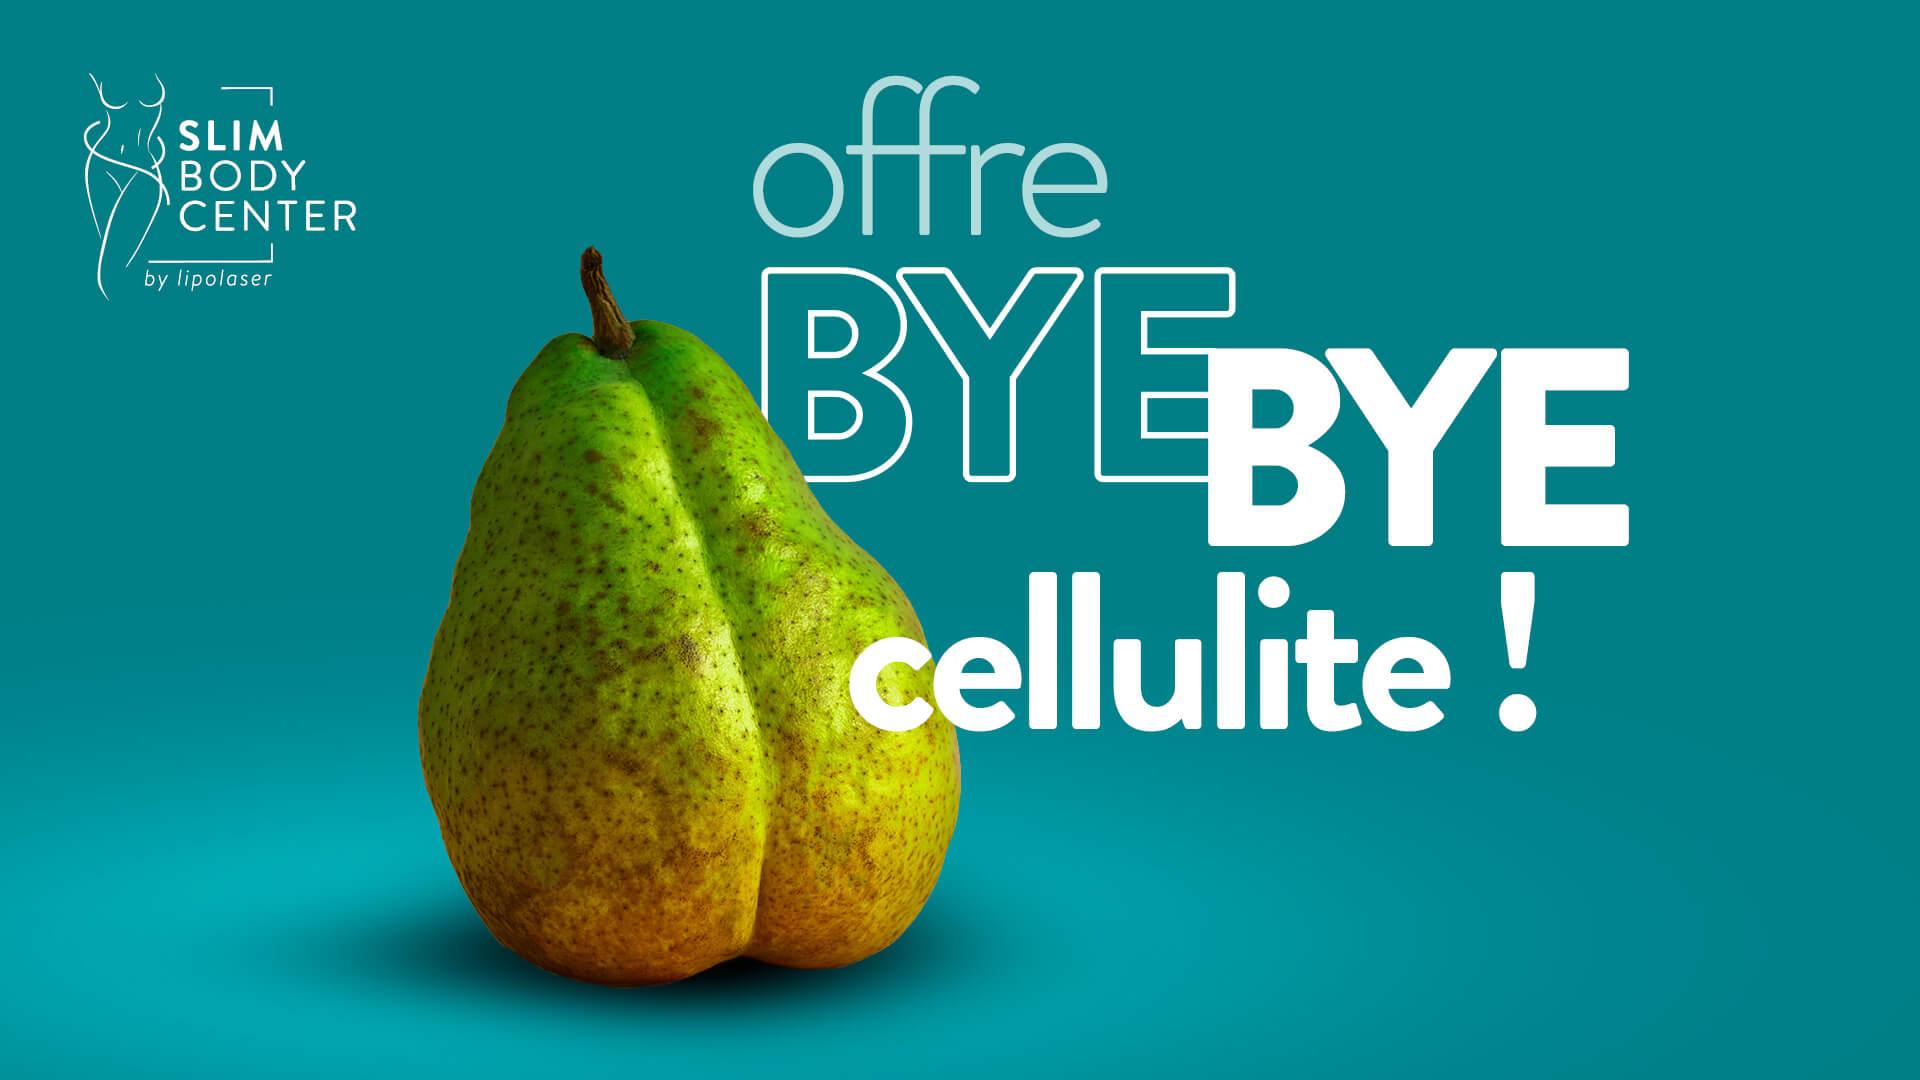 cellulite offre promo